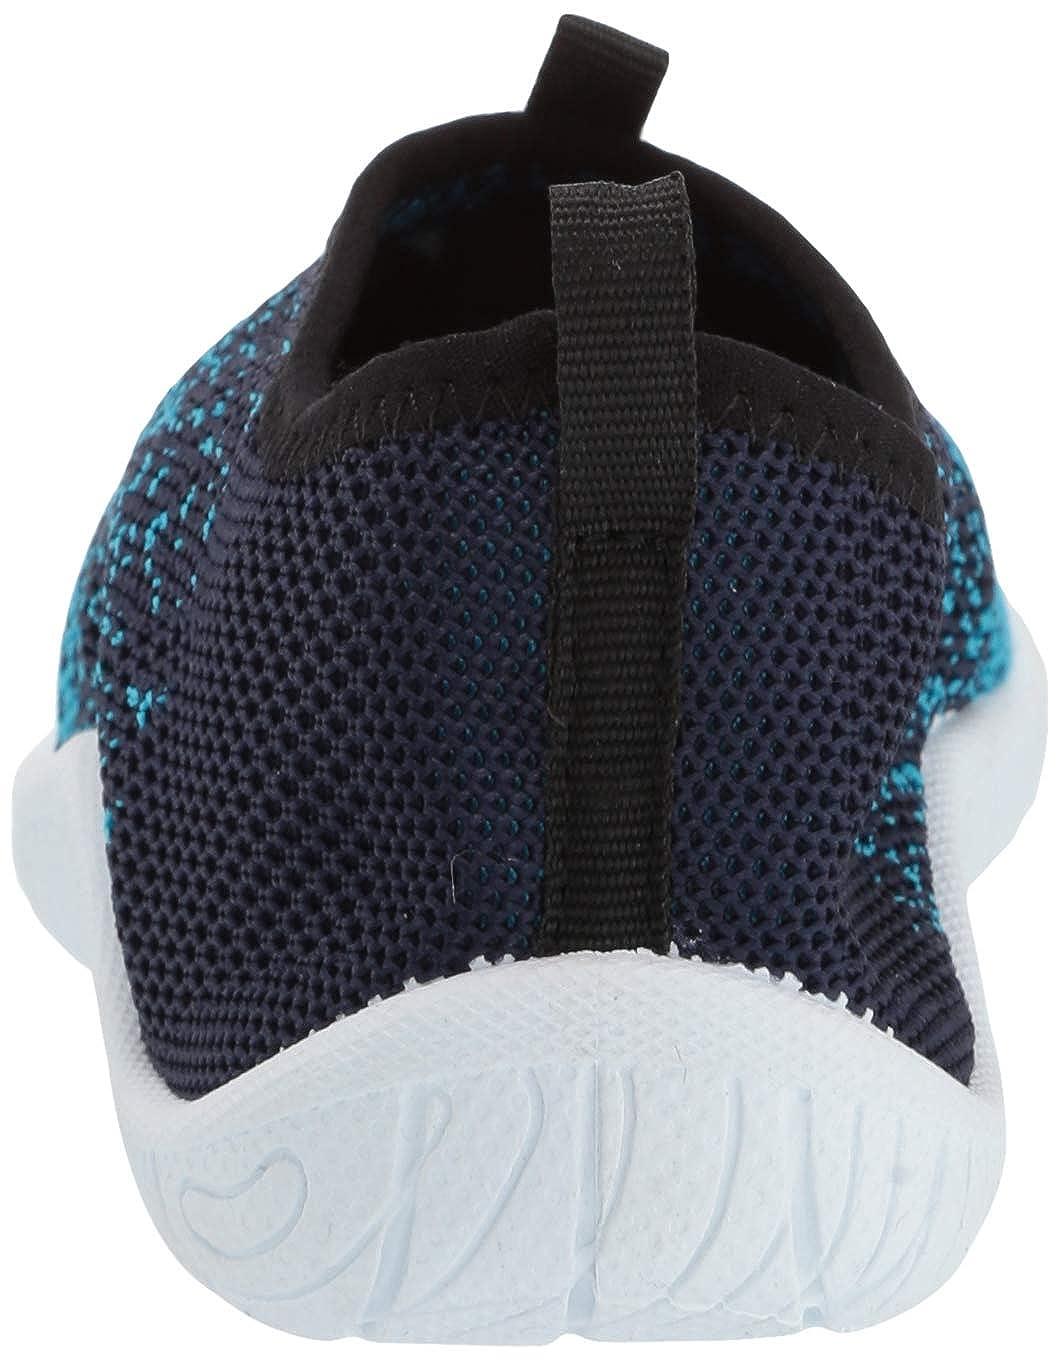 Surf Knit 7749106 Speedo Kids Water Shoe